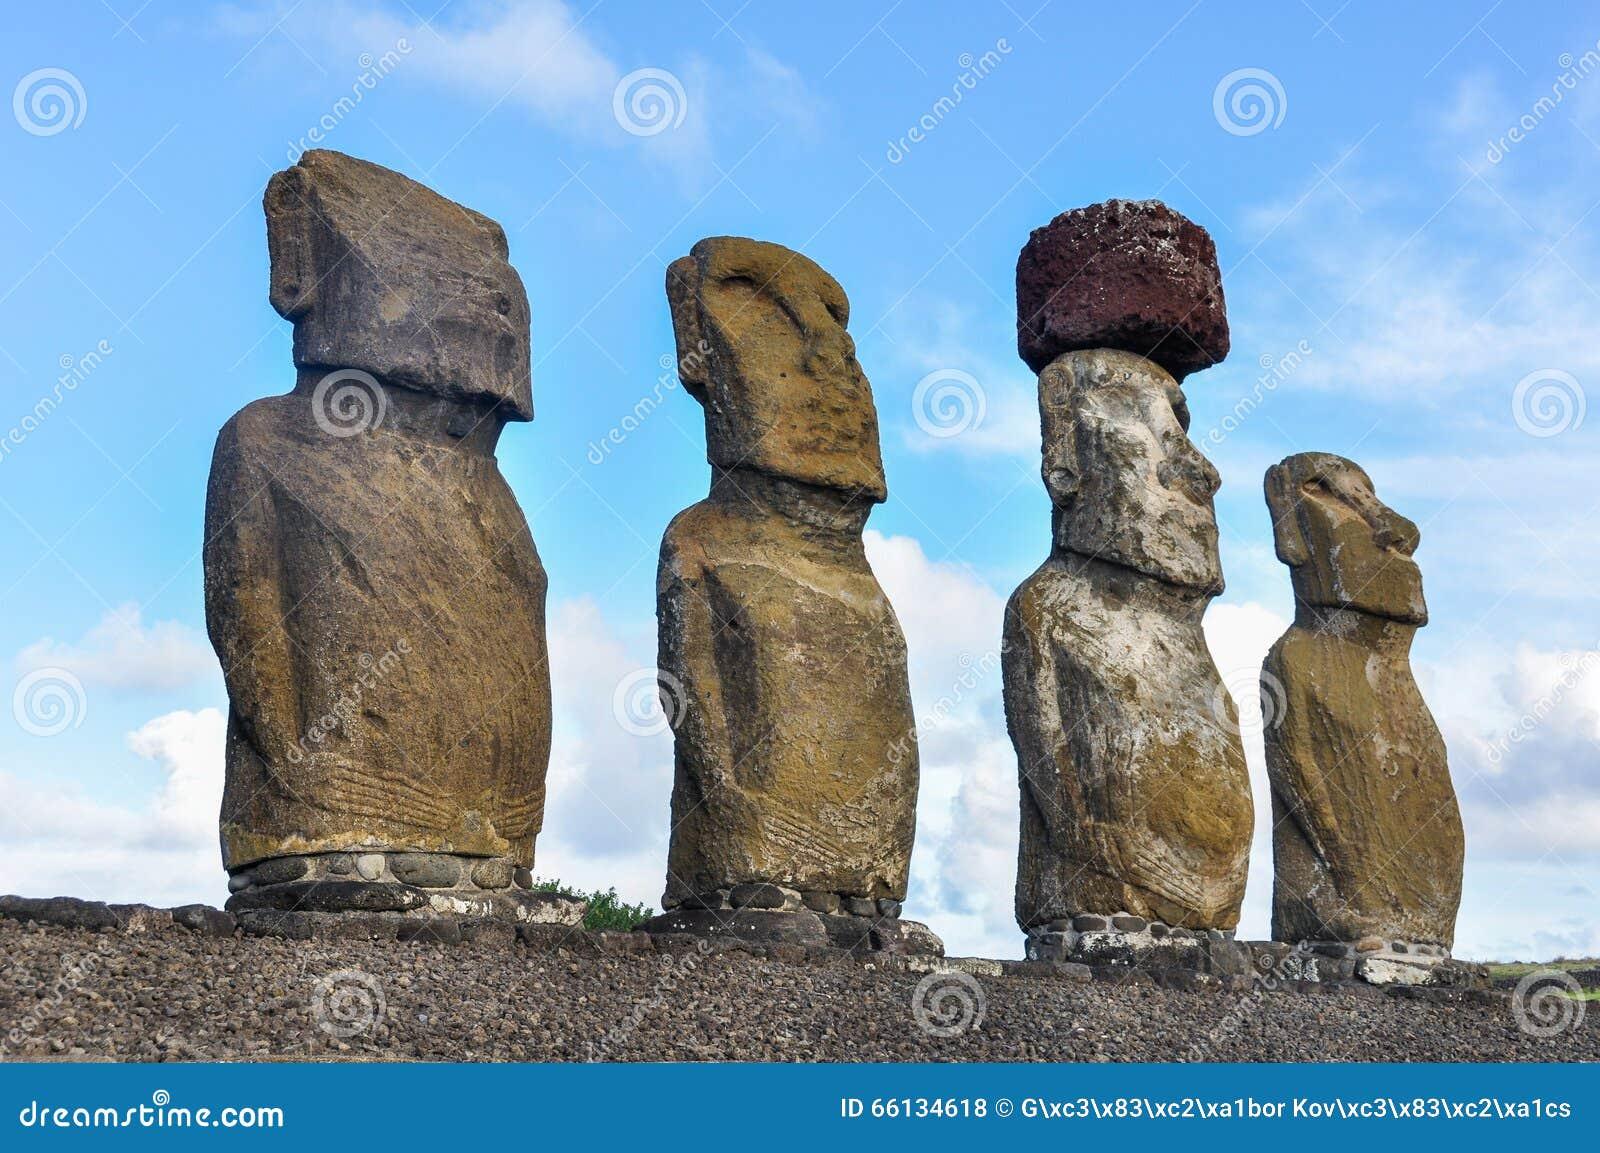 Moais Of Ahu Tongariki Easter Island Stock Photo